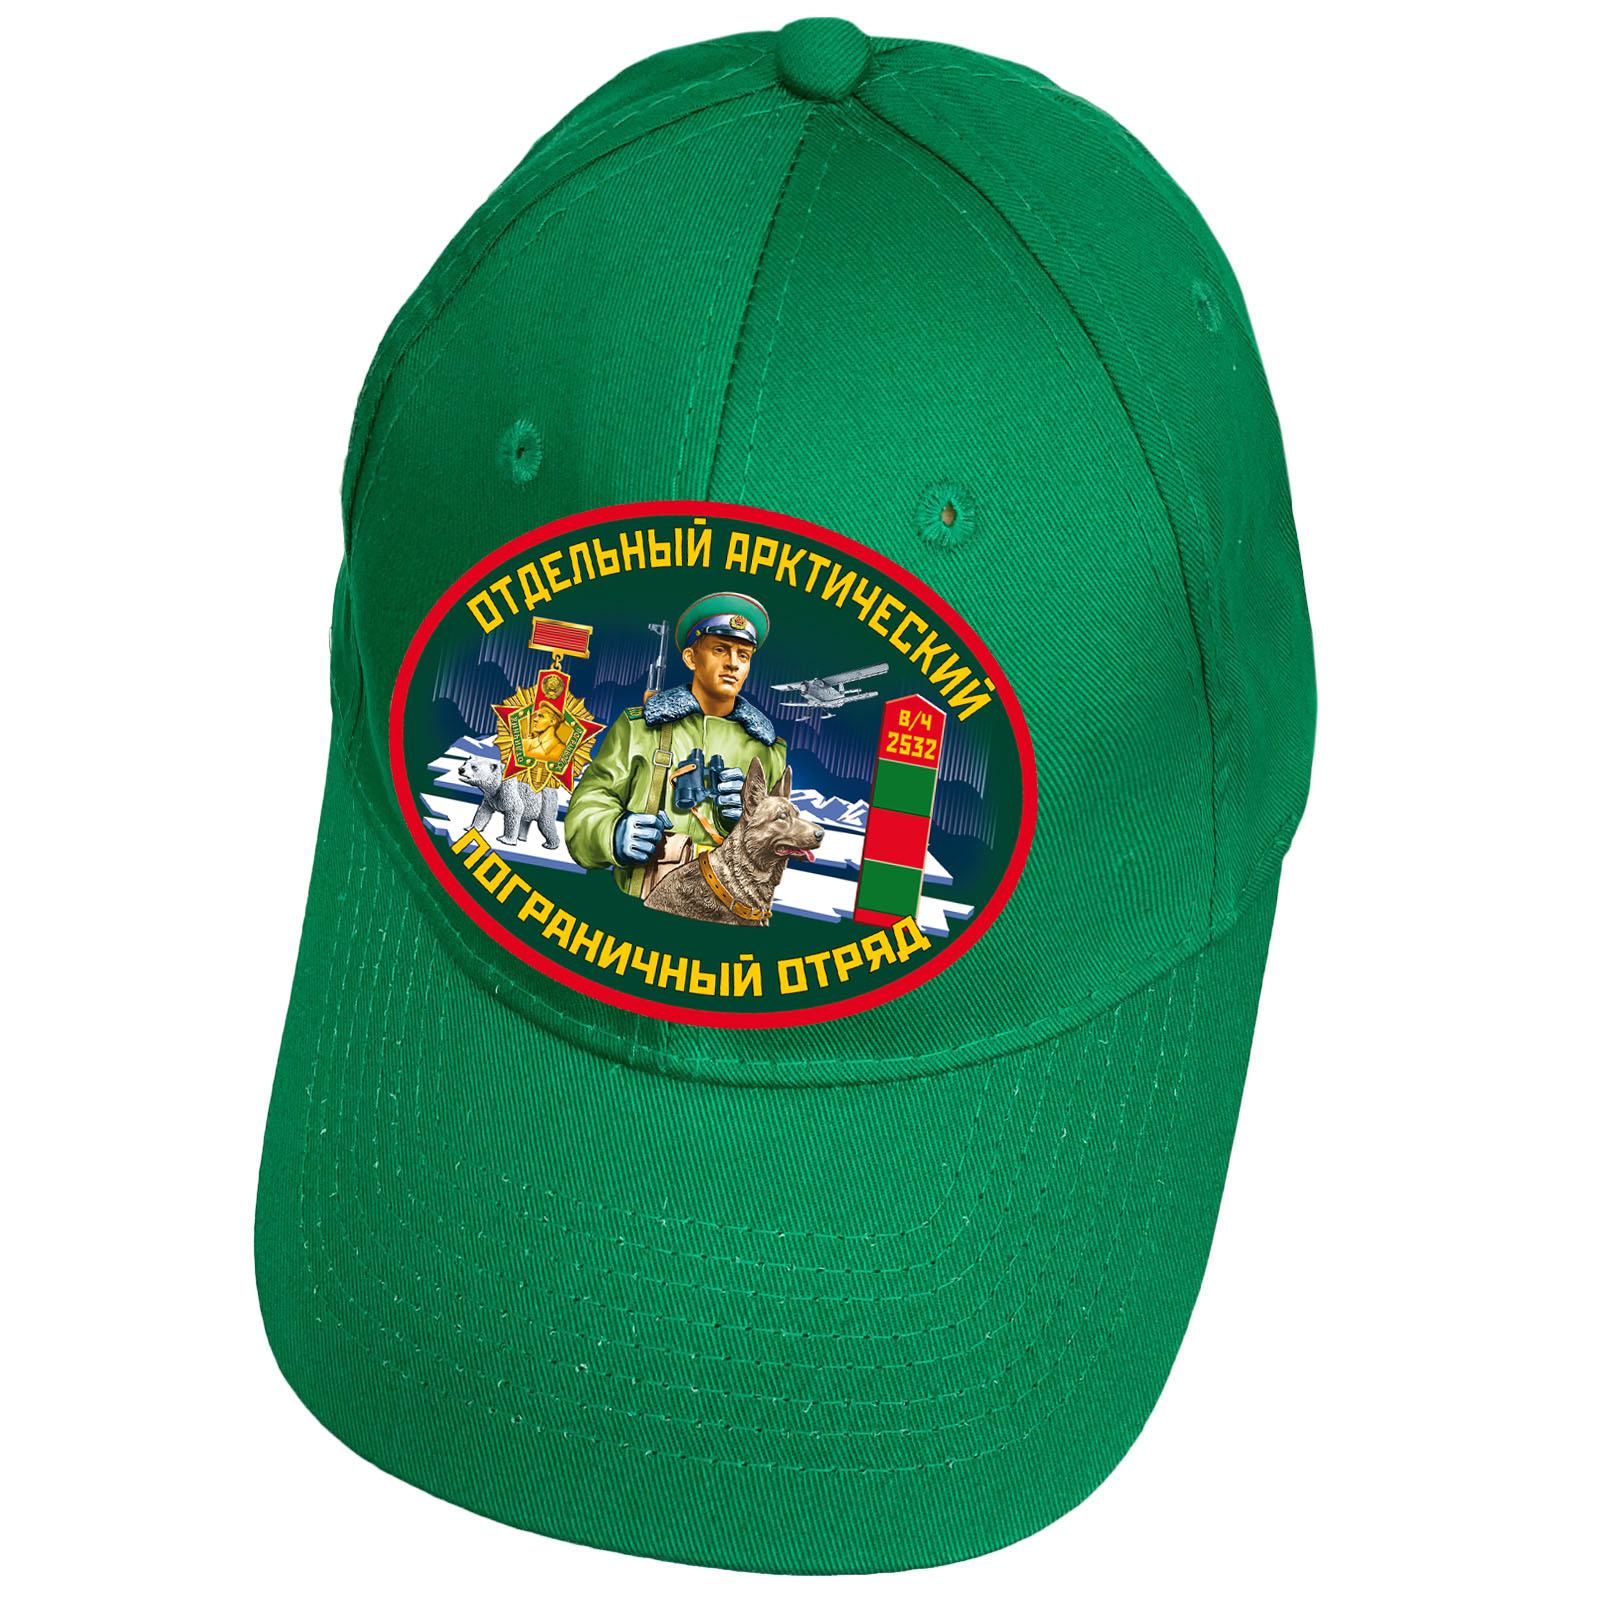 Зелёная кепка Отдельный Арктический пограничный отряд